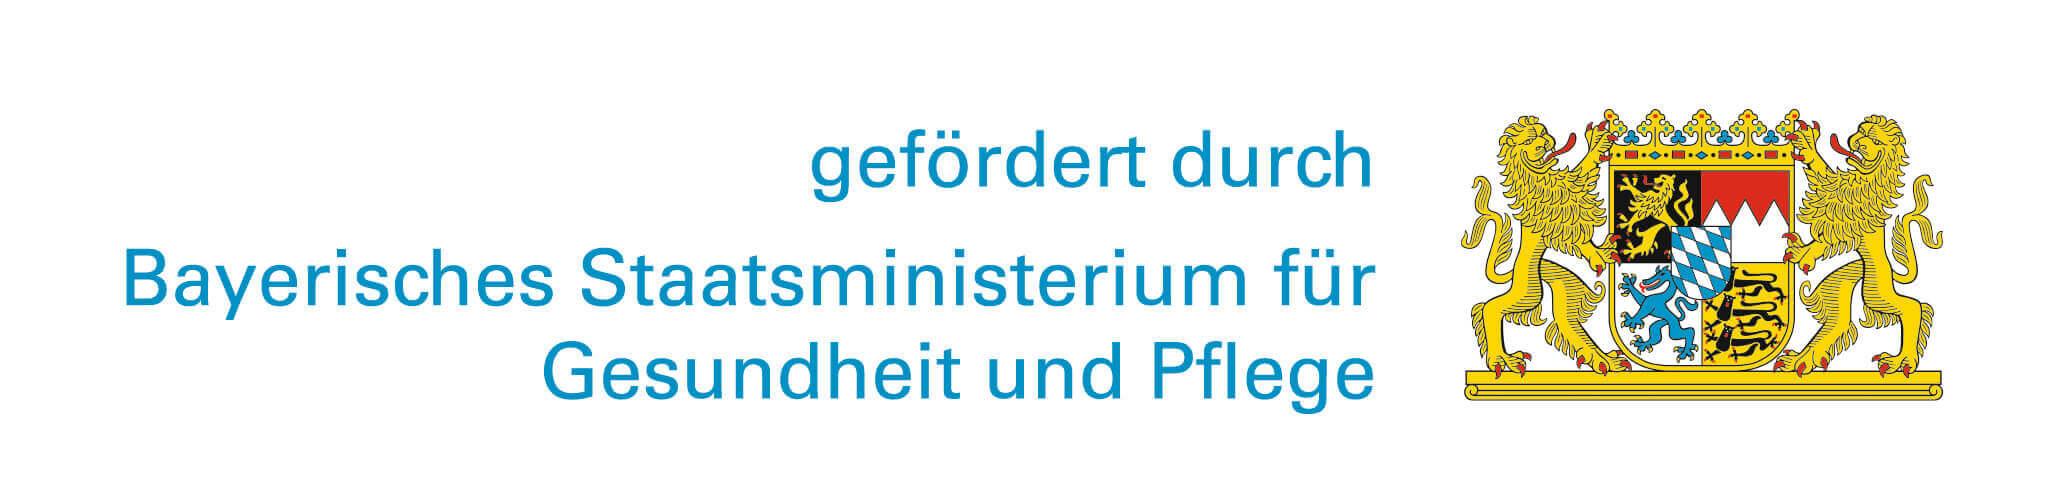 Bayerisches Staatsministerium Foerderlogo